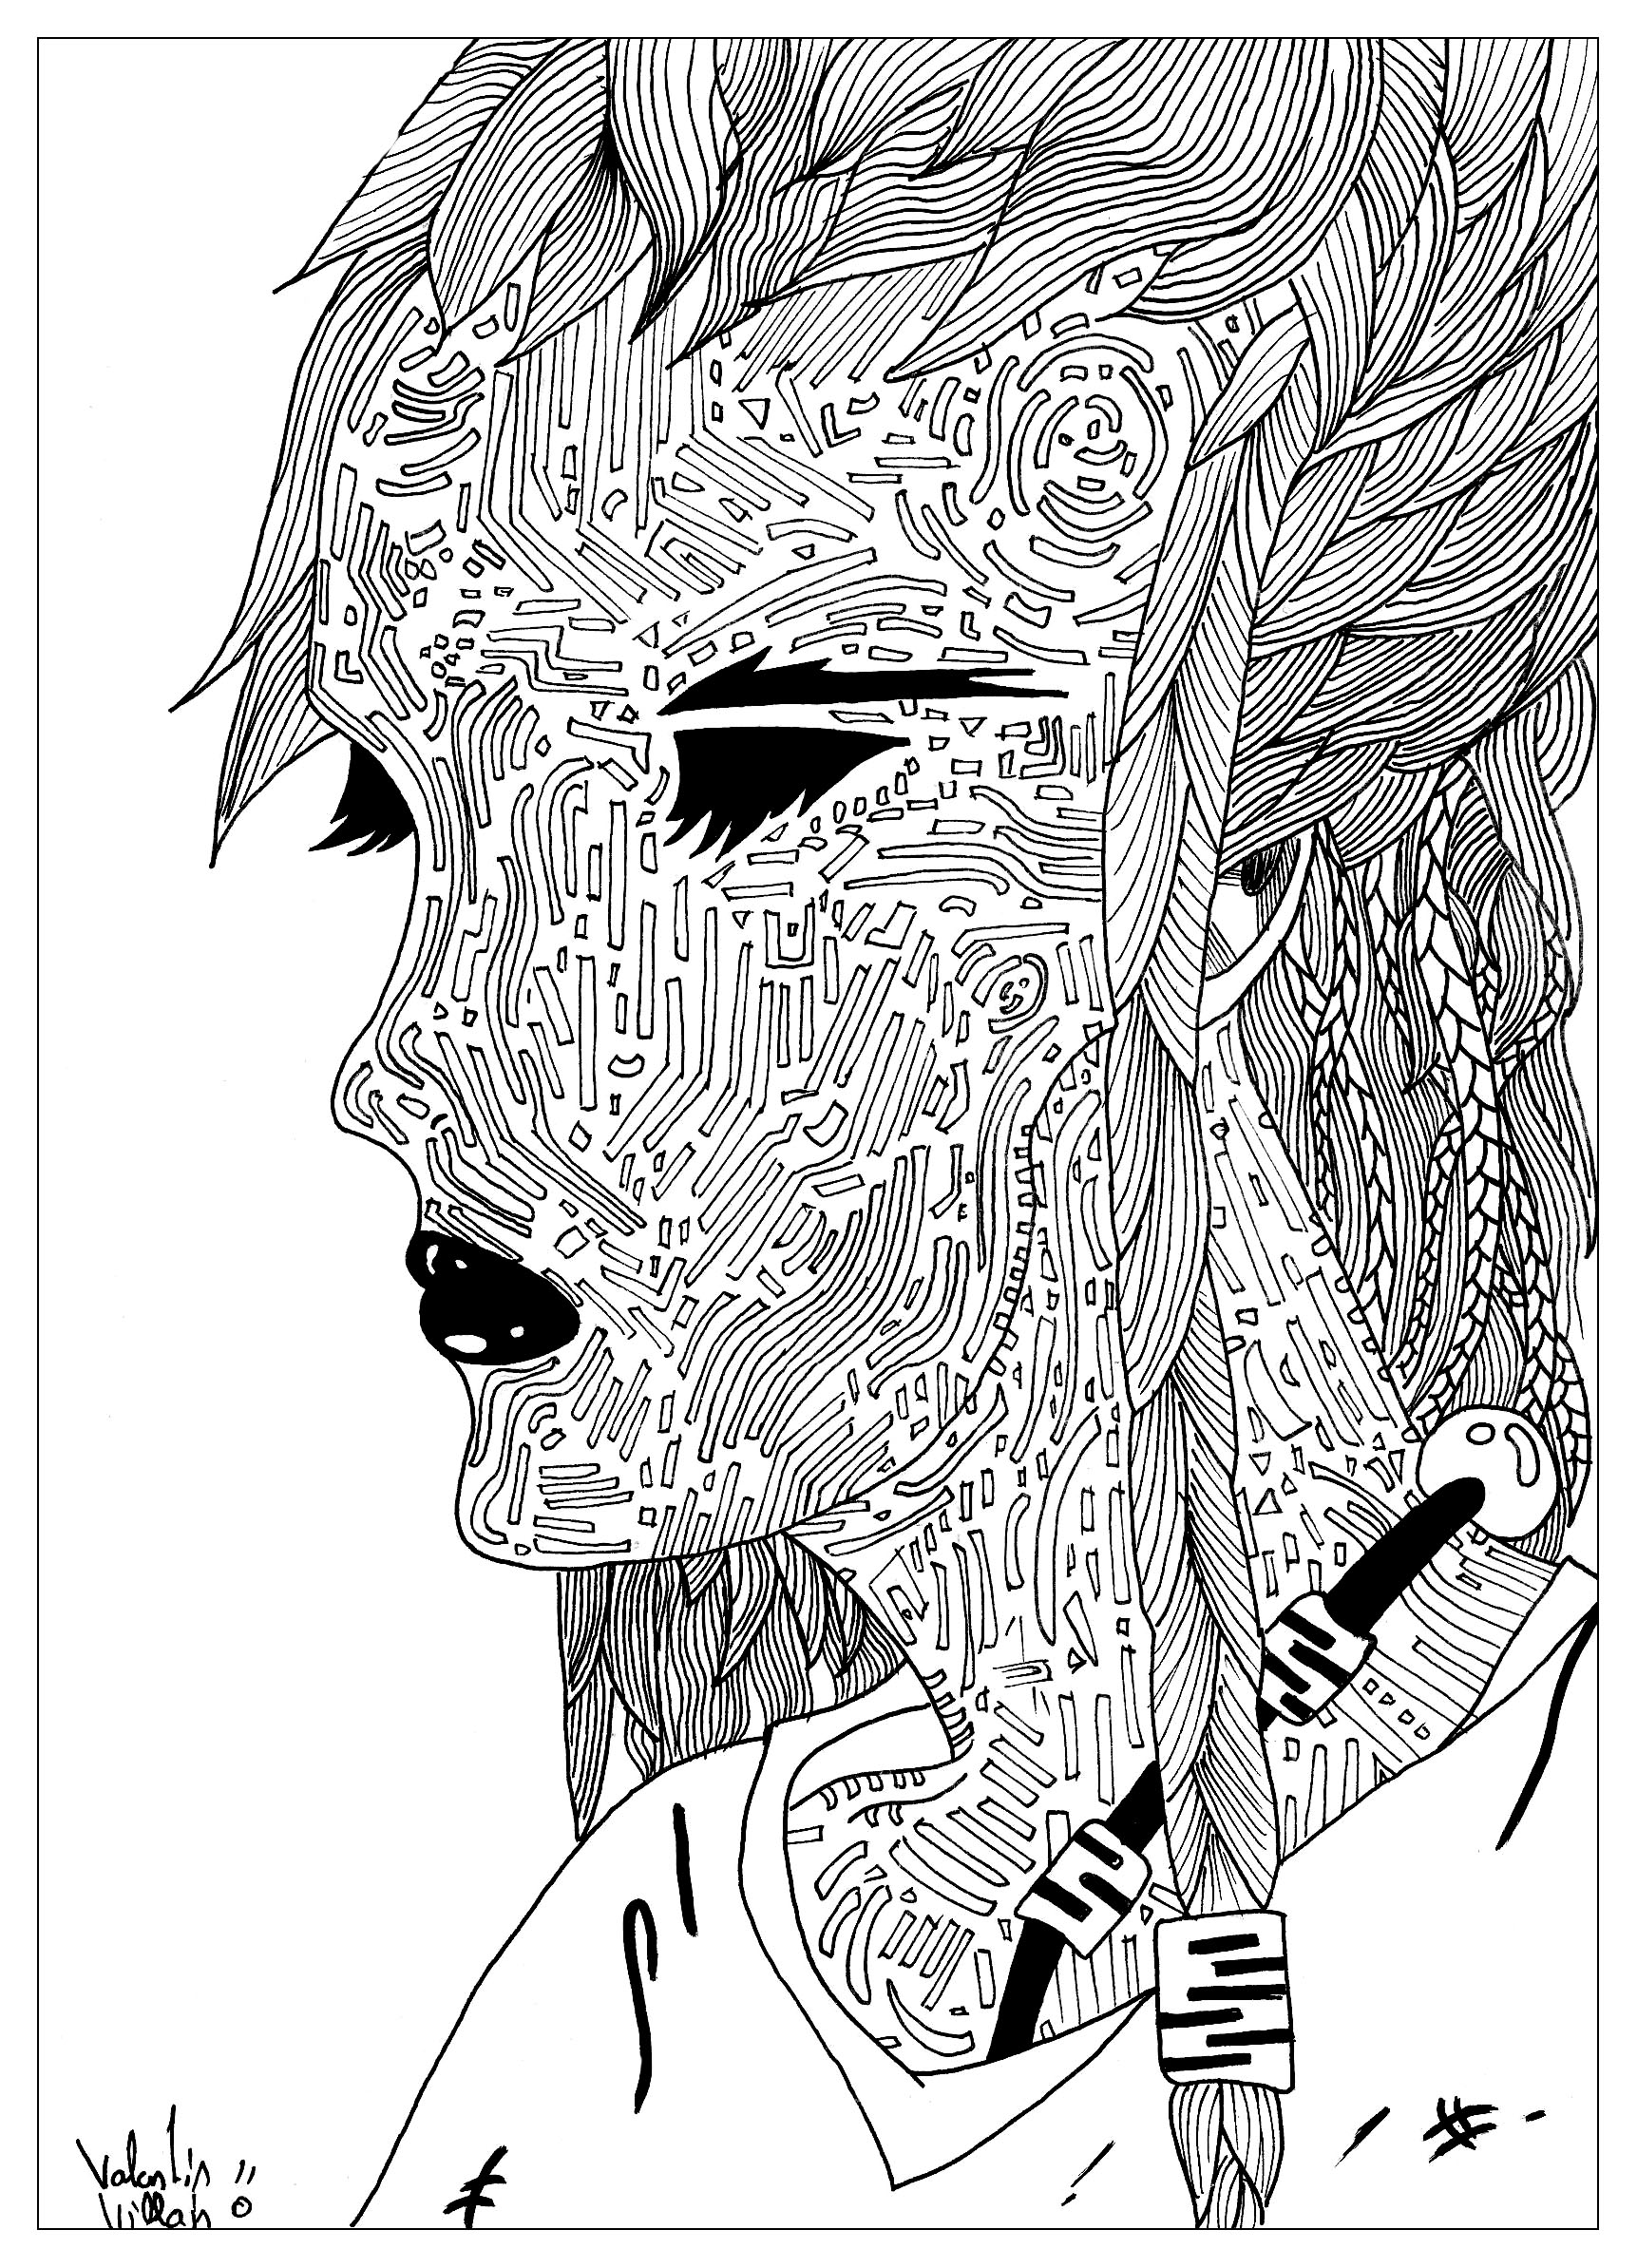 Une femme au visage mysterieuxA partir de la galerie : Calendrier De Lavent 2016Artiste : Valentin